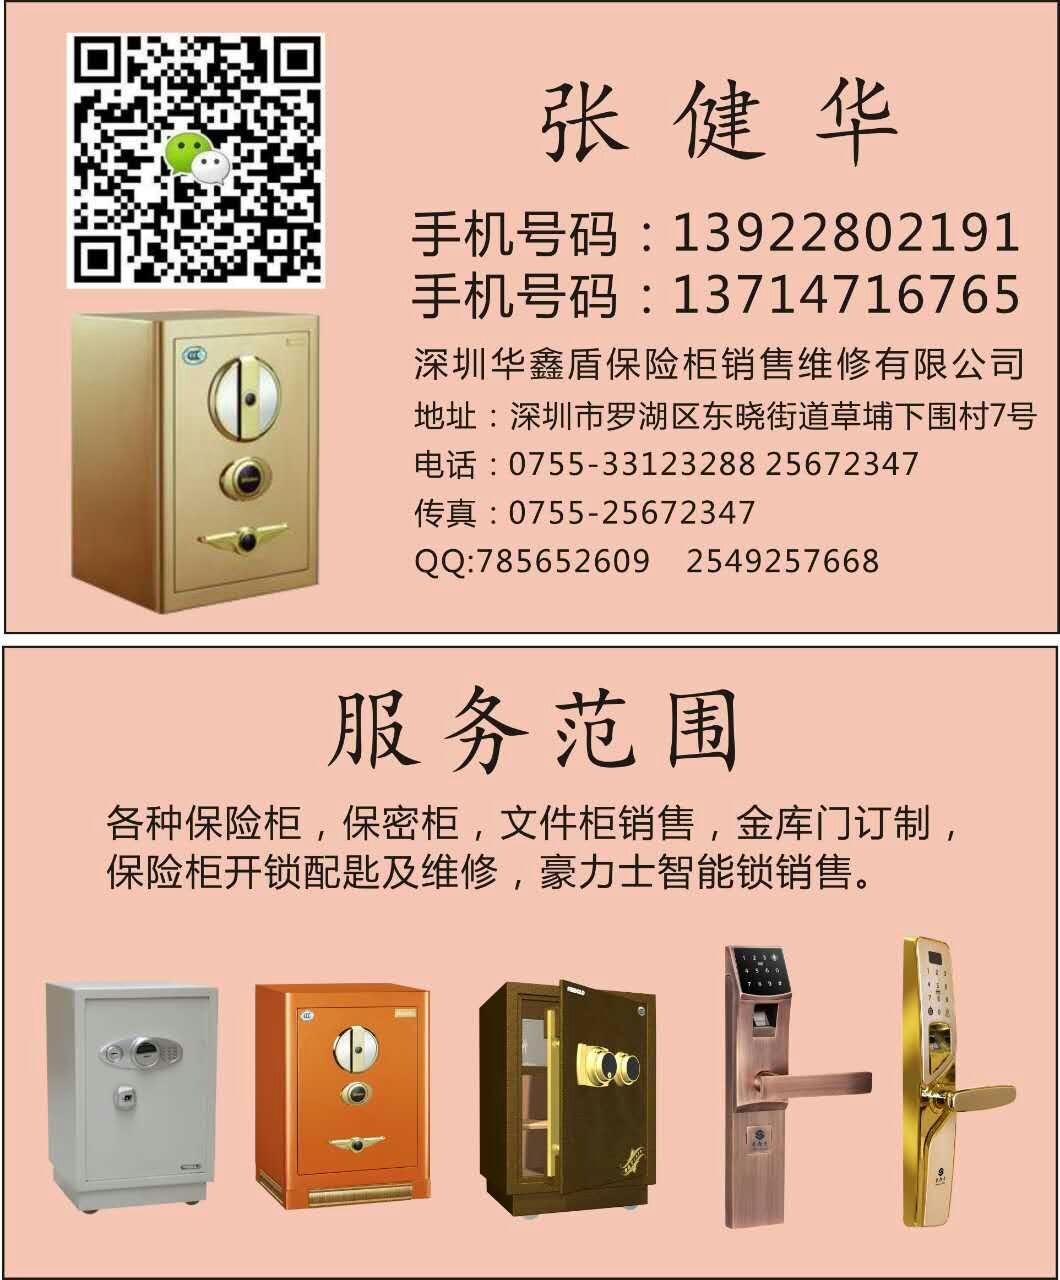 来自张建华发布的供应信息:... - 深圳华鑫盾保险柜销售维修有限公司